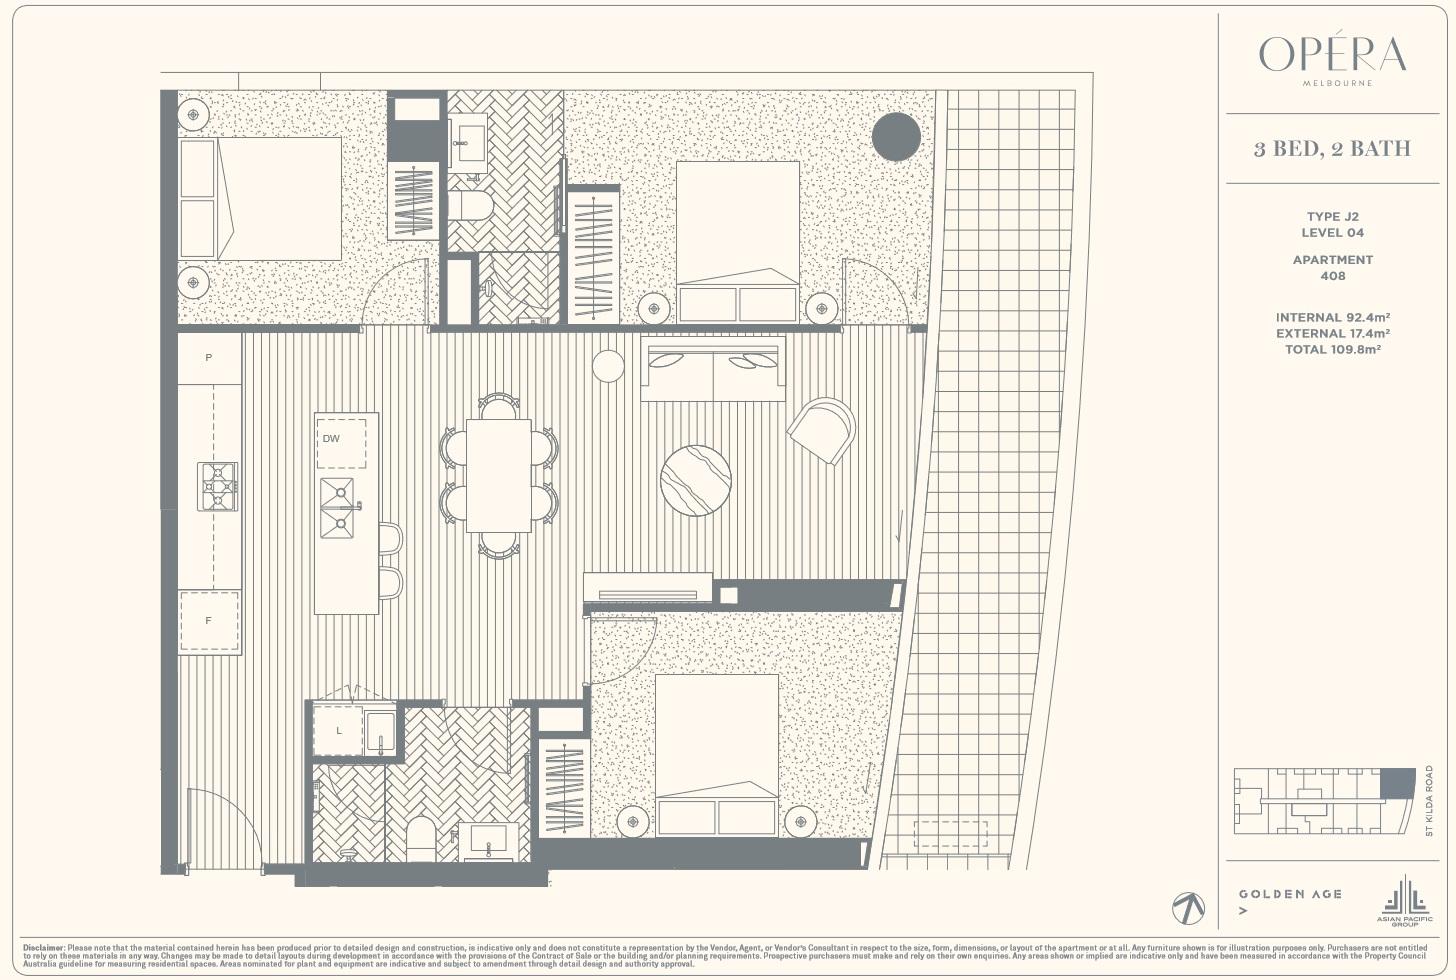 Floor Plan Type J2 - 3Bed2Bath